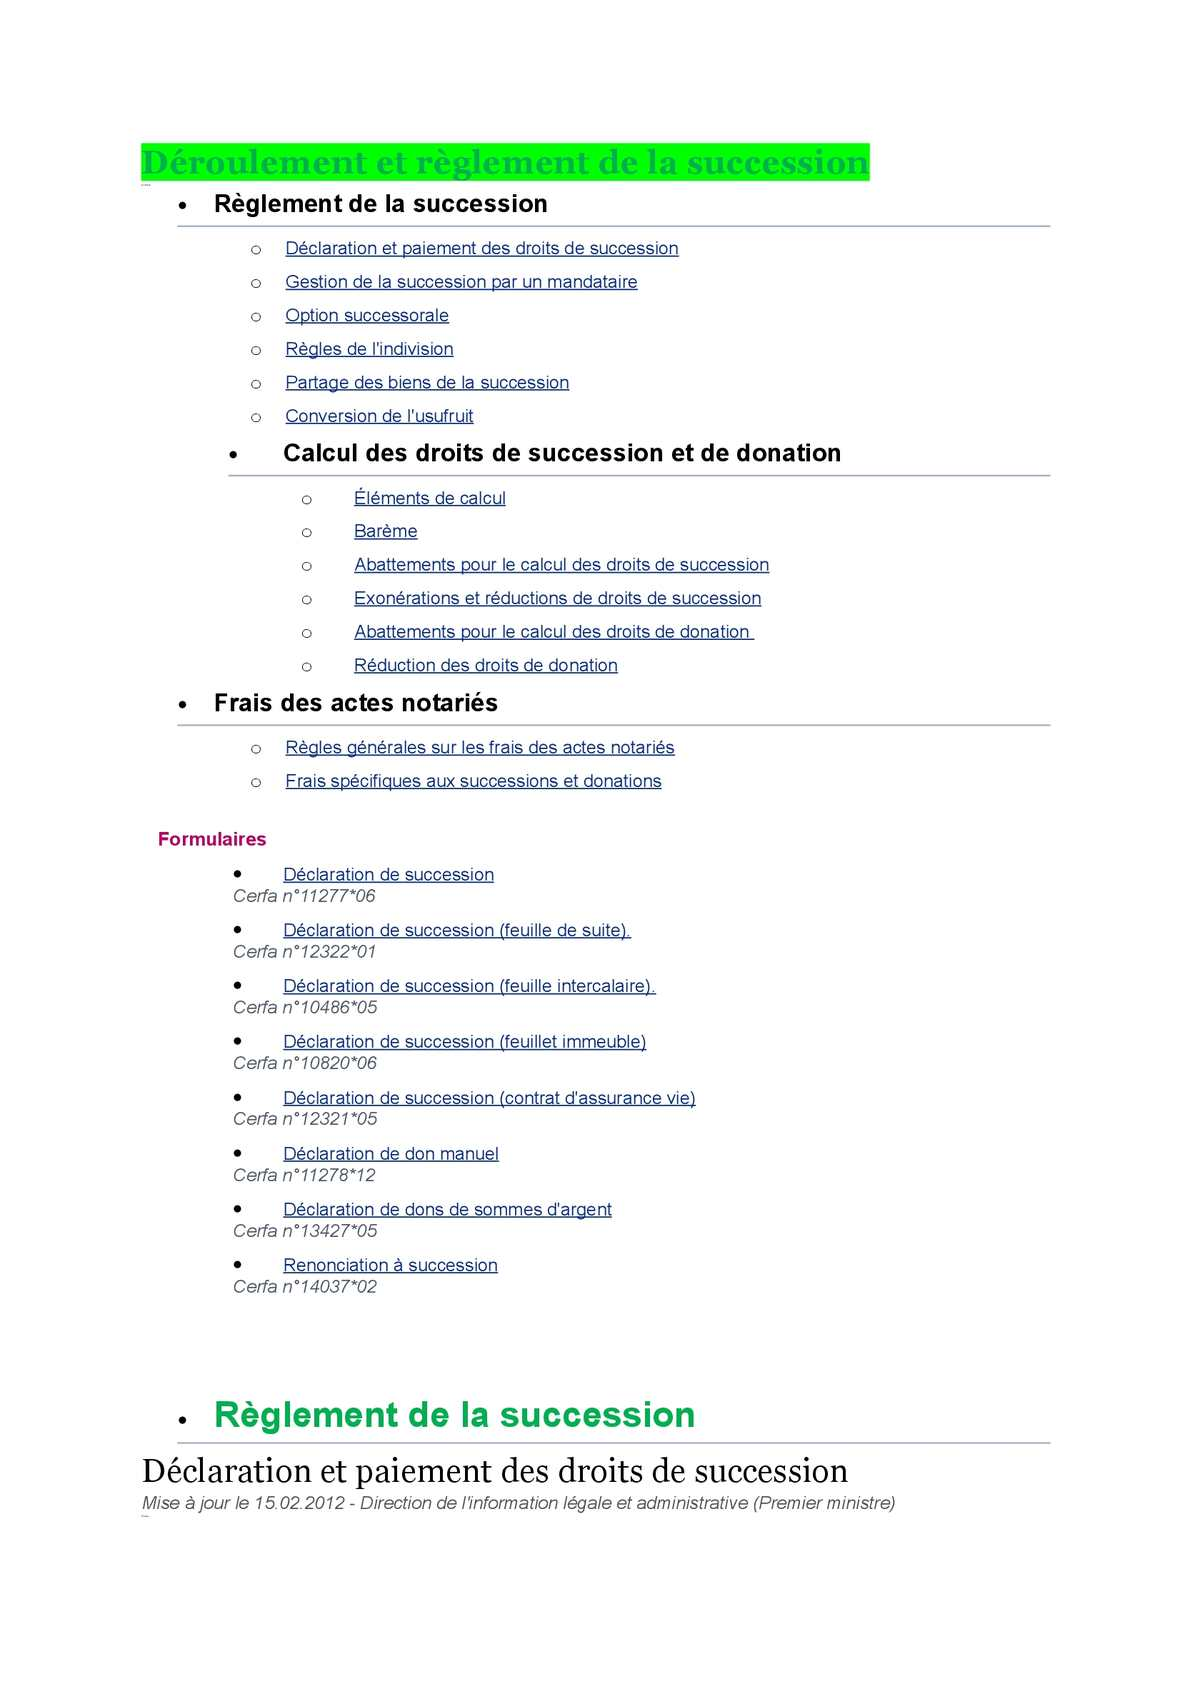 formulaire 2706